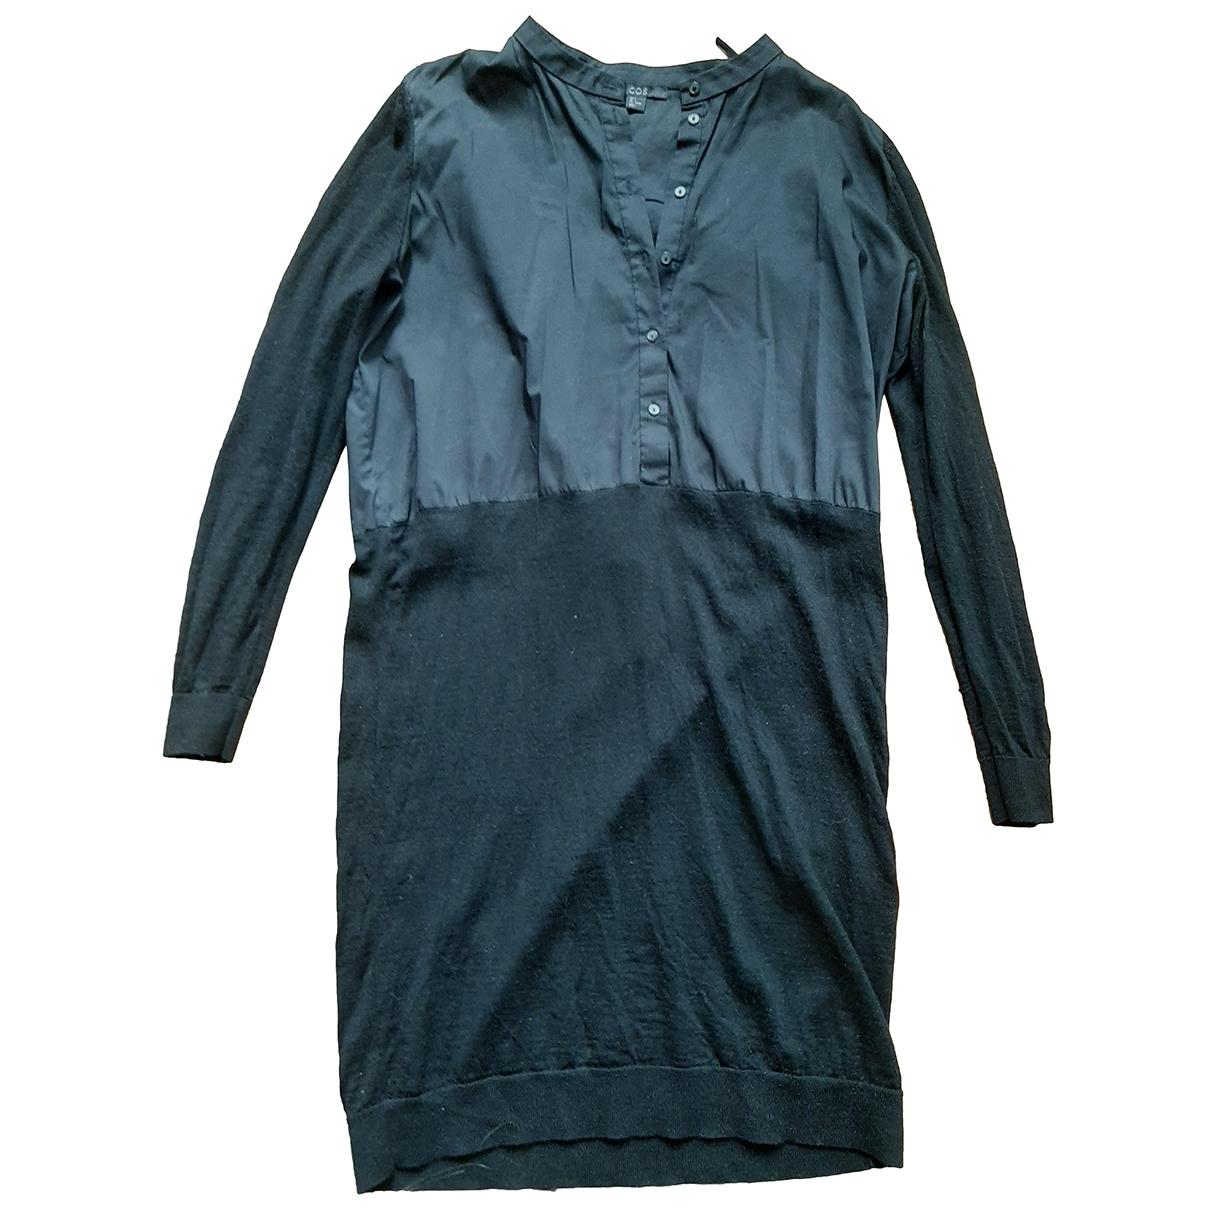 Cos \N Kleid in  Schwarz Wolle